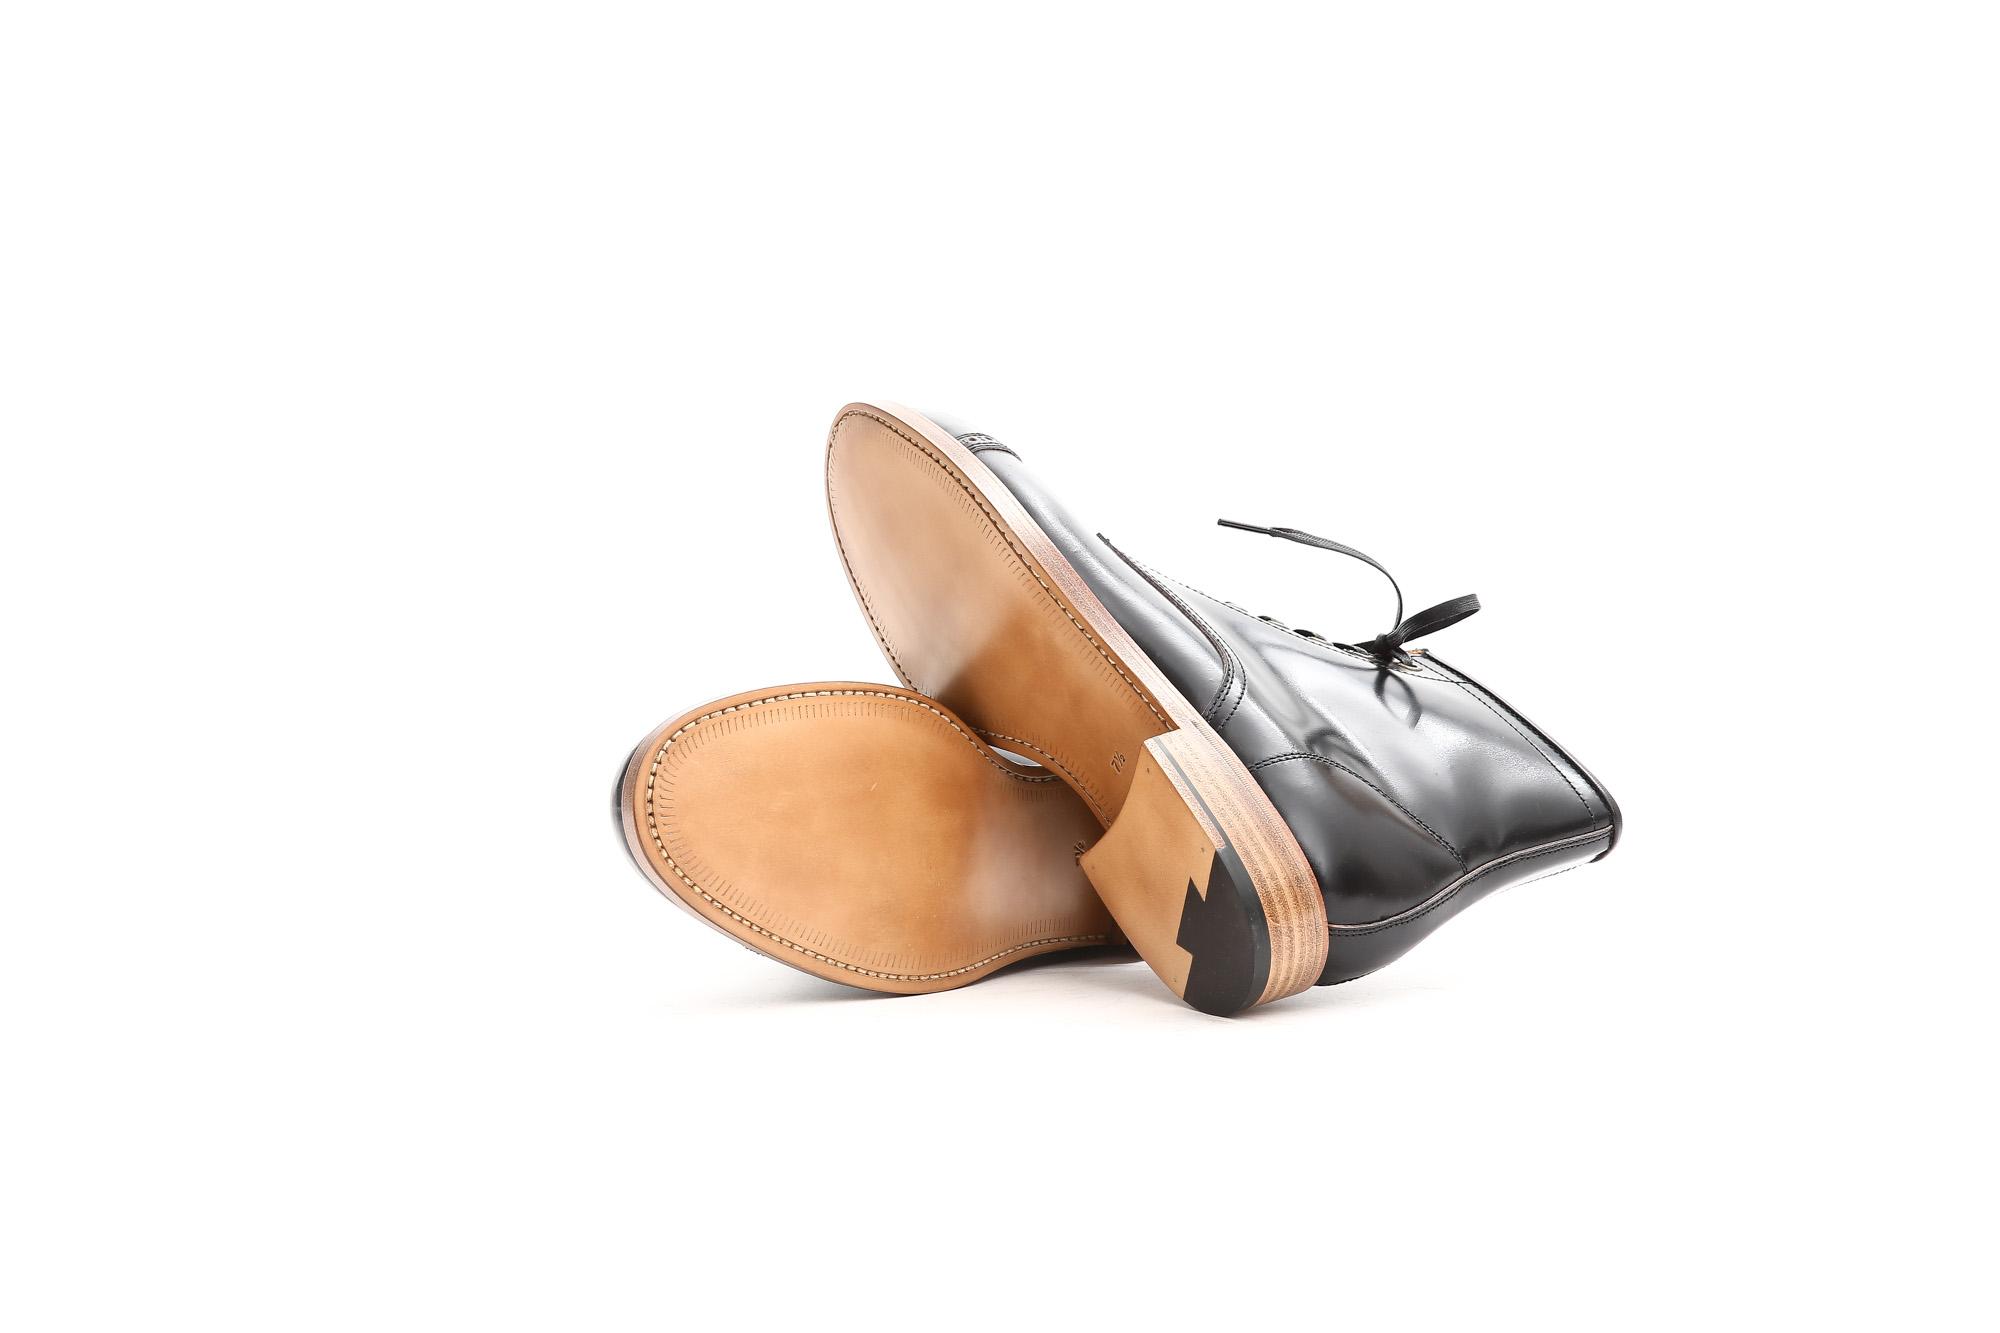 Cuervo (クエルボ) 【Romeo //// ロメオ】 CORDOVAN コードバン Double Leather Sole セミドレスブーツ レザーブーツ ドレスシューズ BLACK(ブラック) MADE IN JAPAN(日本製) 2017 秋冬新作 cuervoクエルボ ブーツ 愛知 名古屋 ZODIAC ゾディアック 5.5,6,6.5,7,7.5,8,8.5,9,9.5